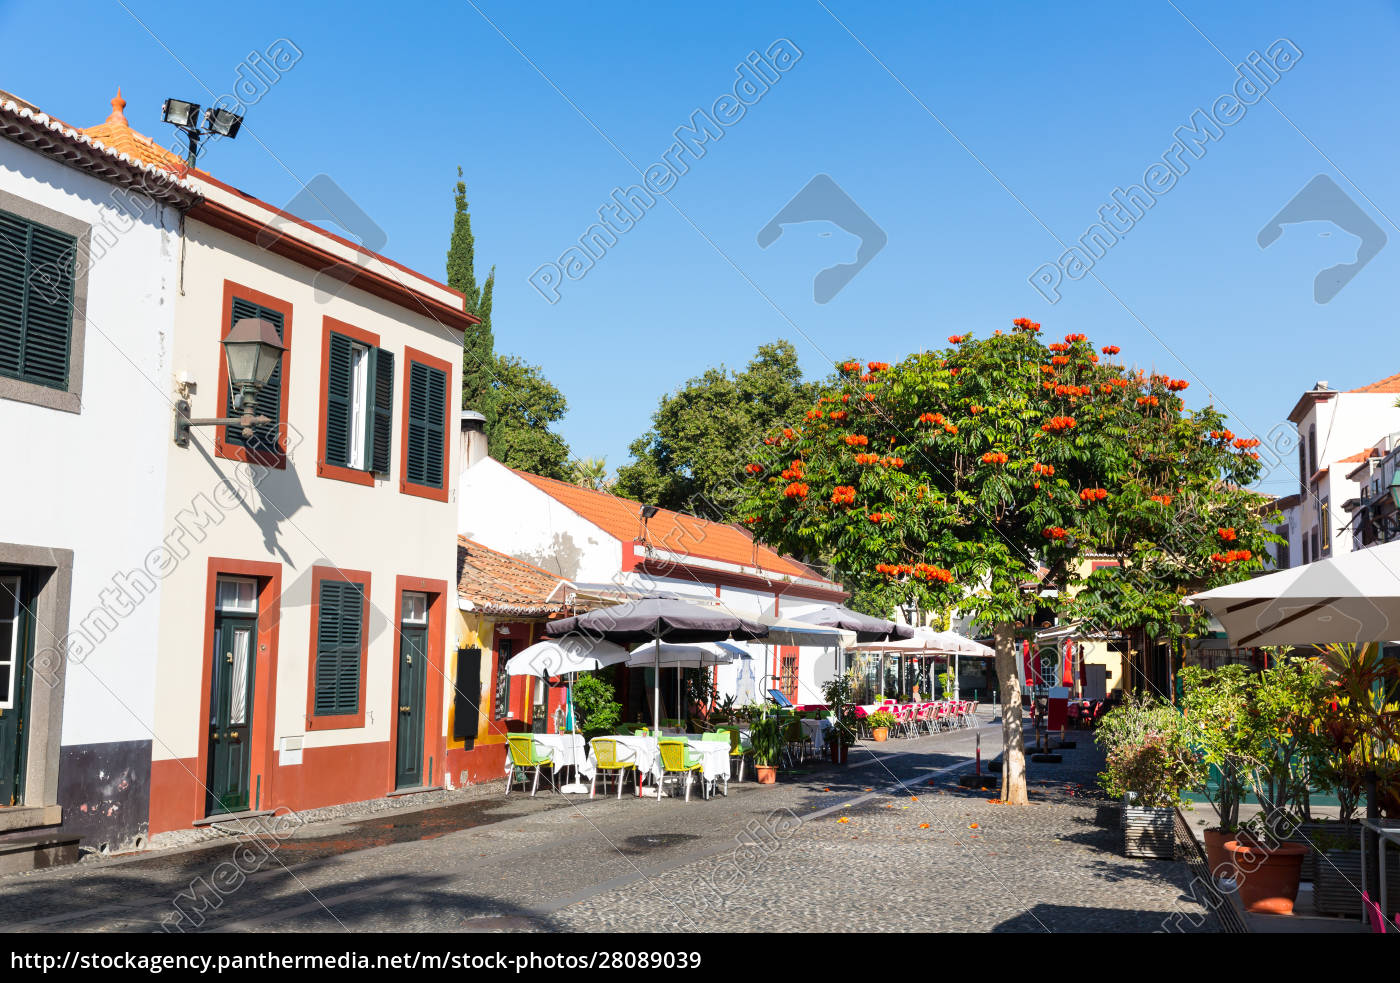 restaurant, outside - 28089039